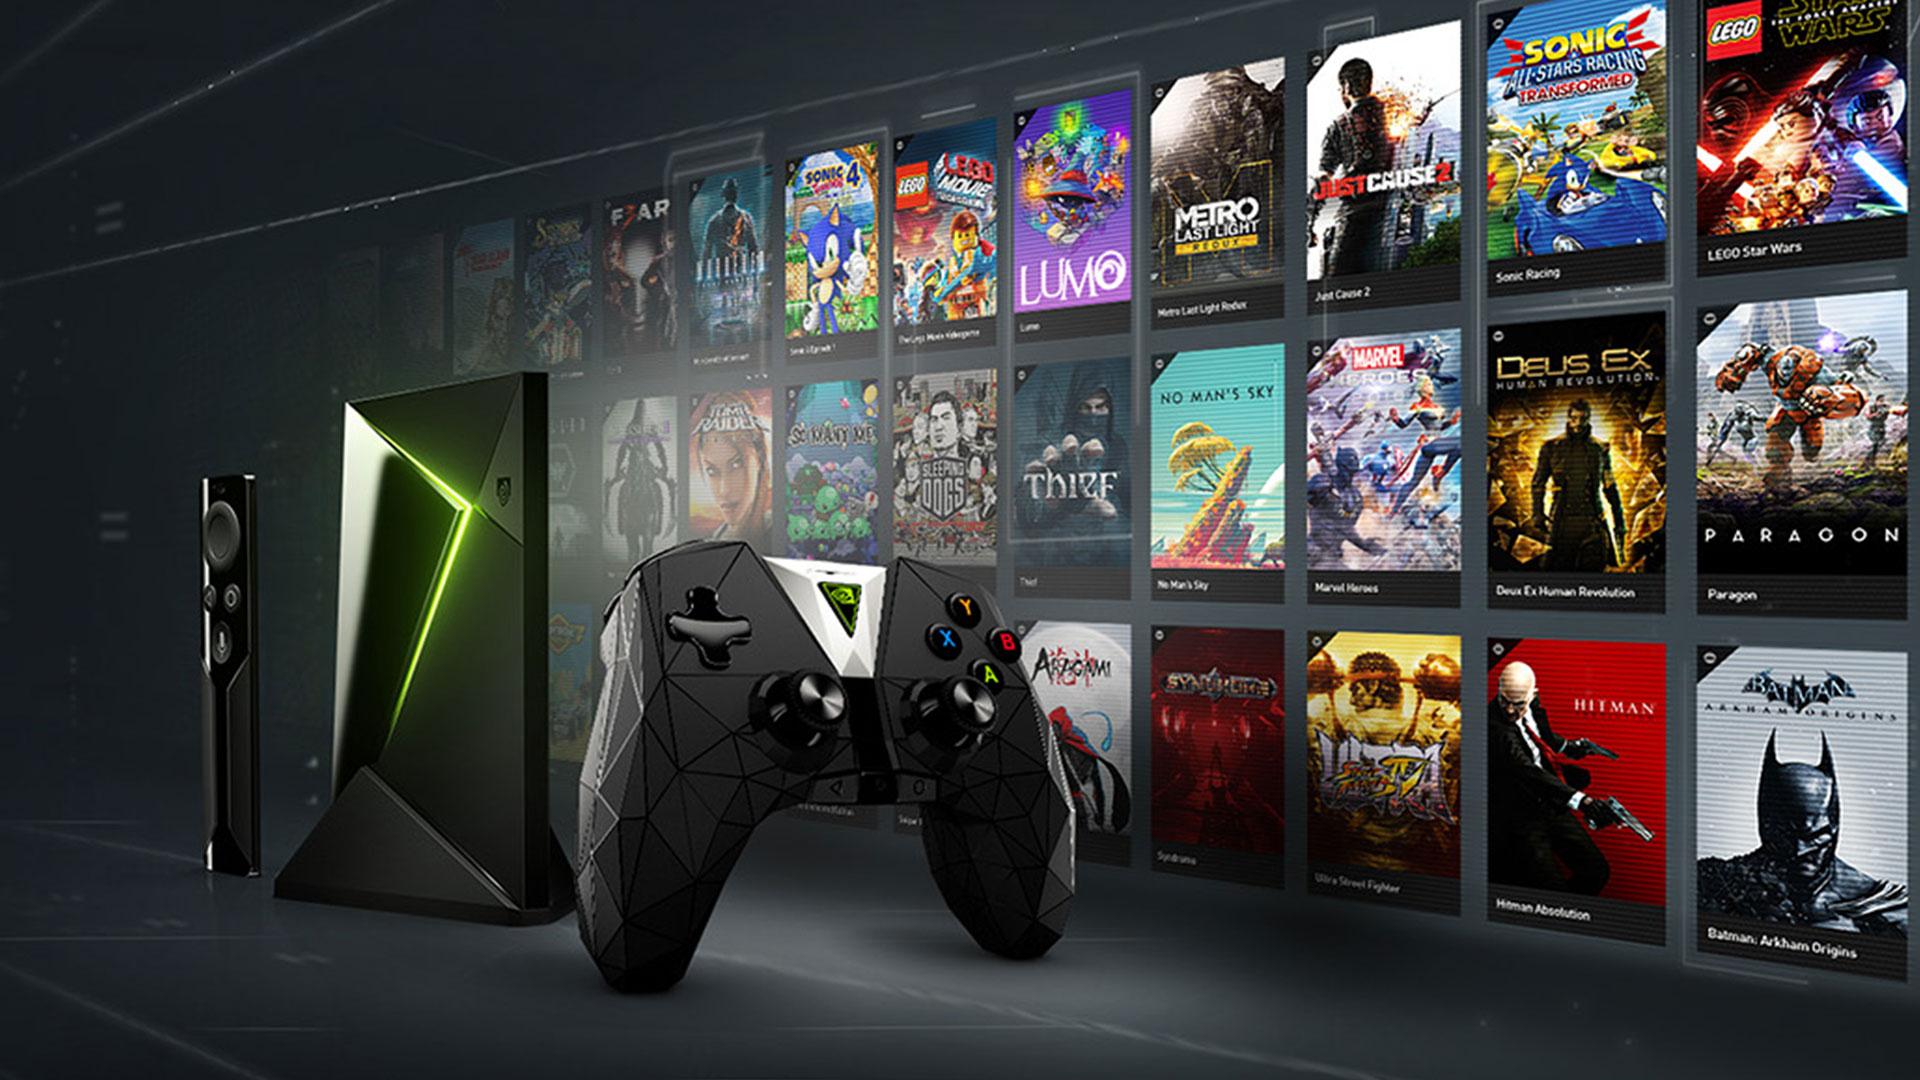 Otevřená beta verze GeForce NOW pro NVIDIA SHIELD TV